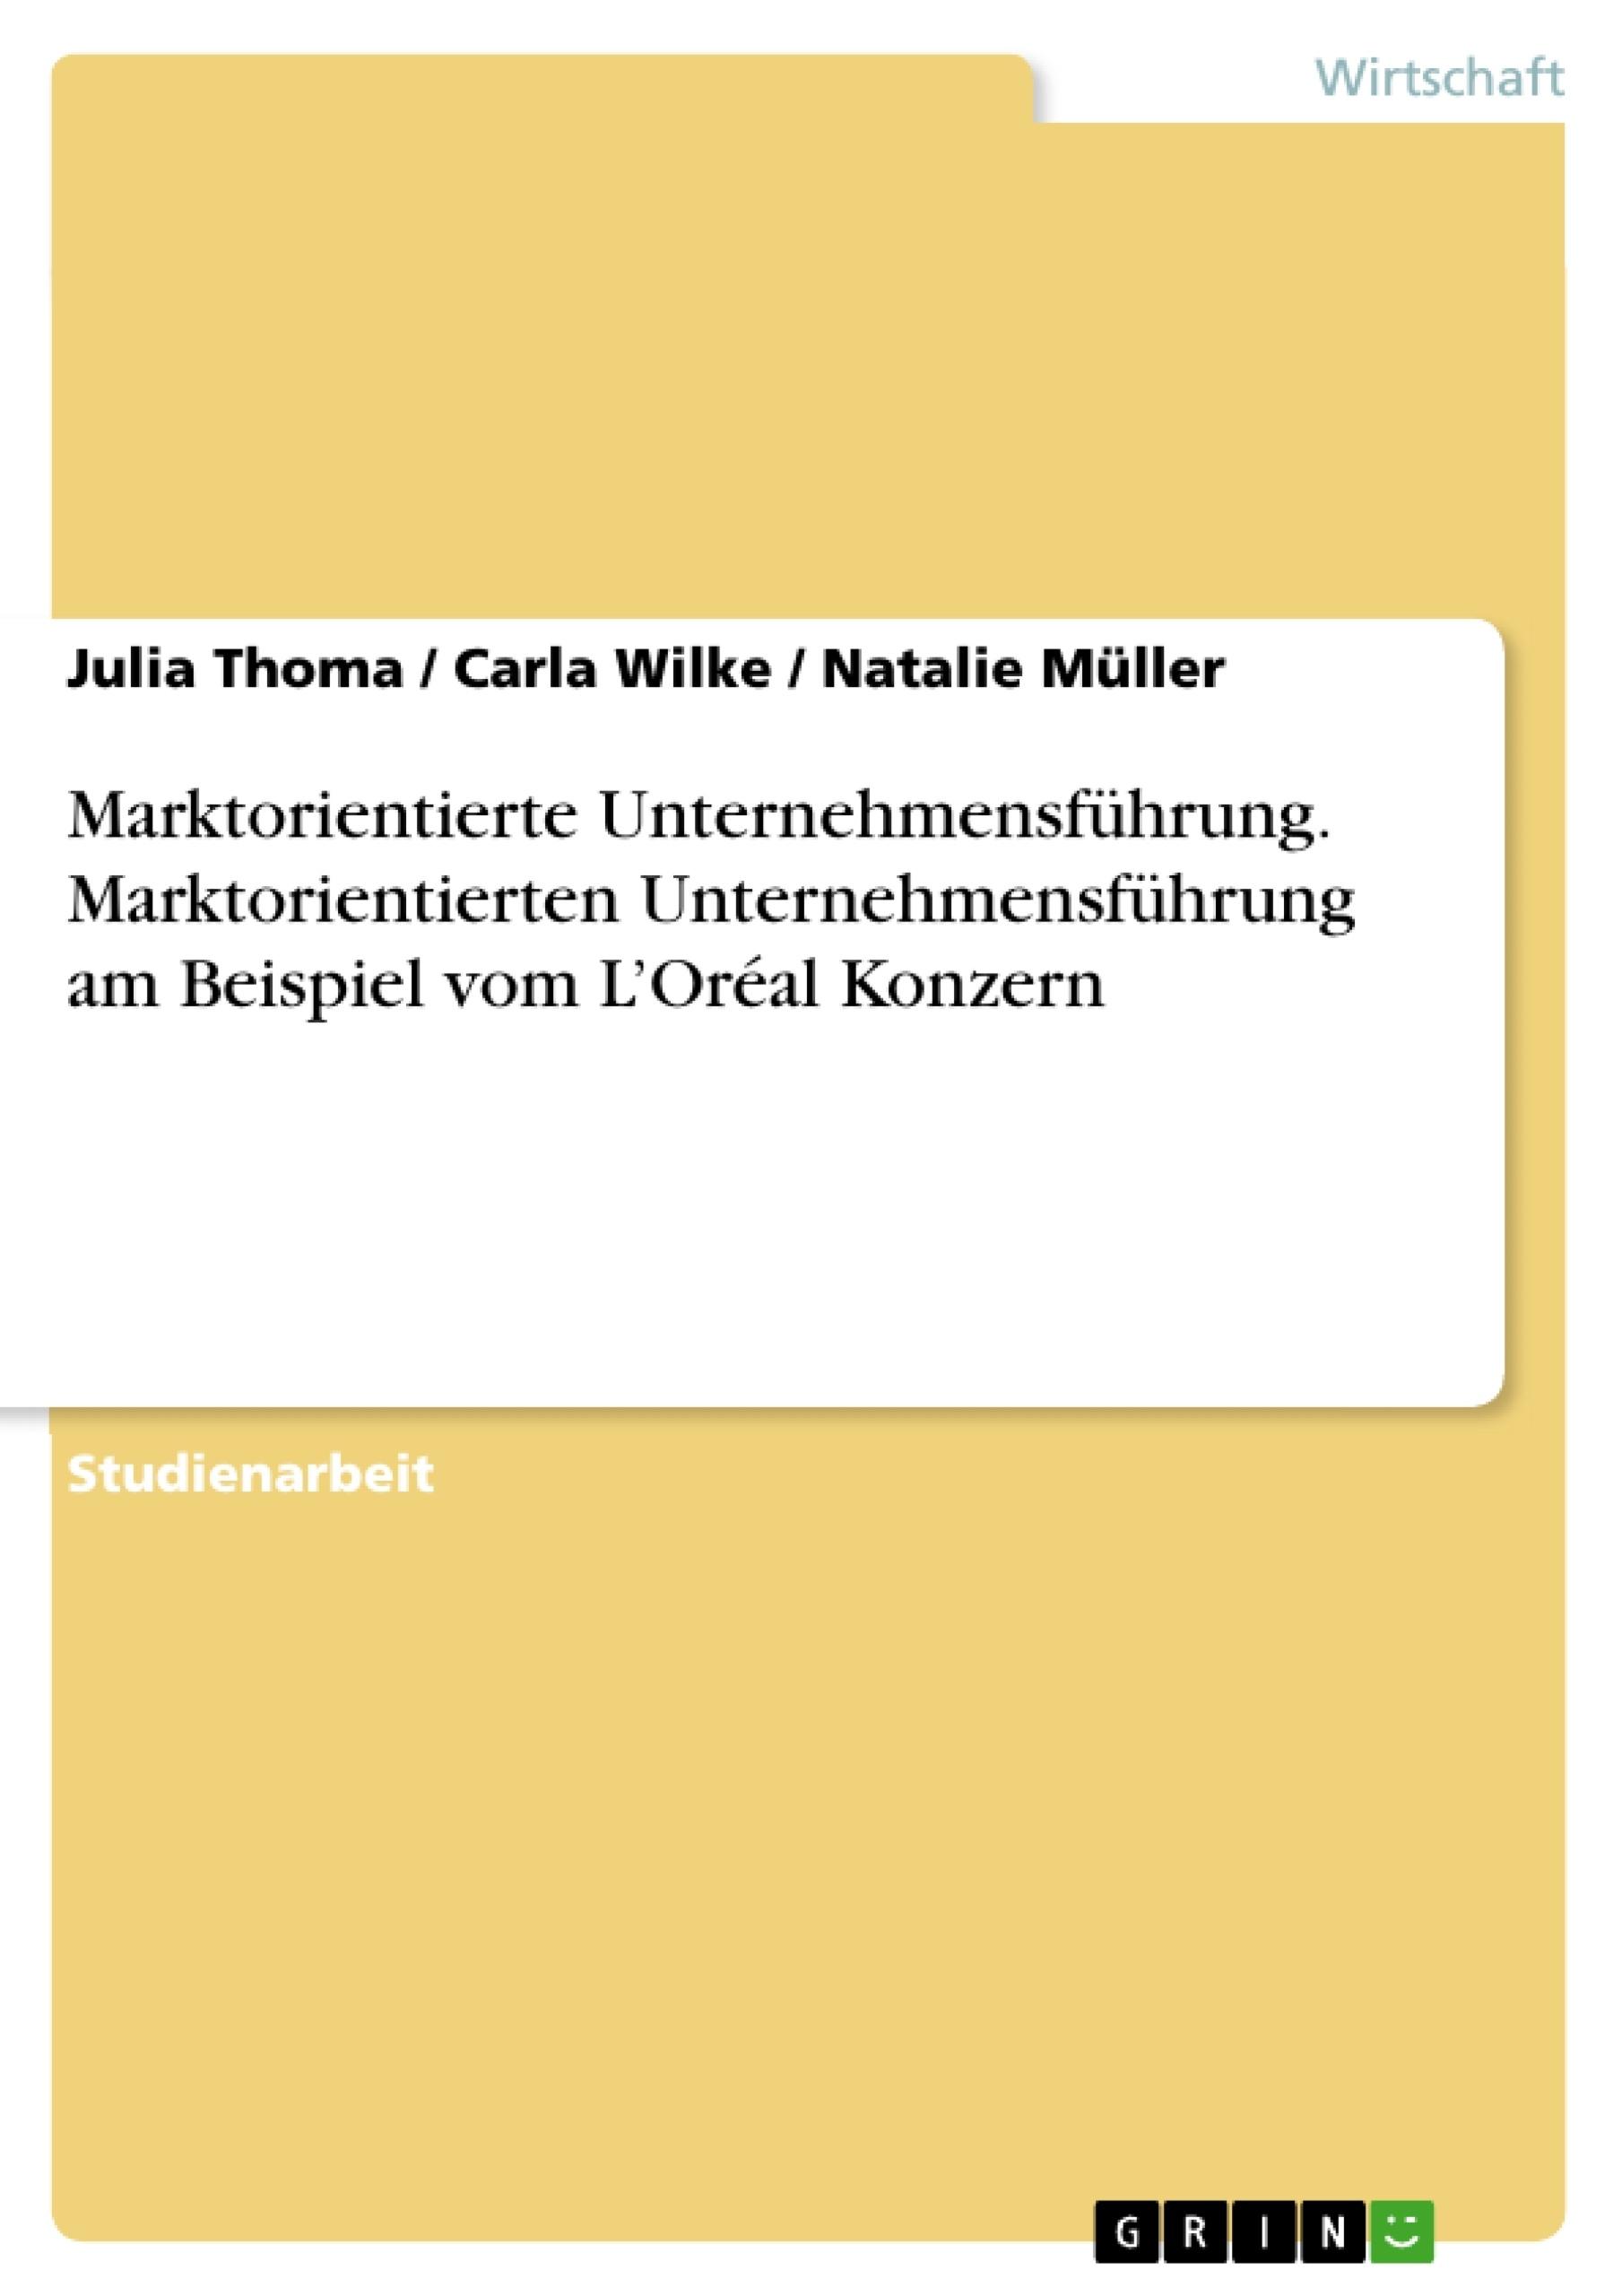 Titel: Marktorientierte Unternehmensführung. Marktorientierten Unternehmensführung am Beispiel vom L'Oréal Konzern